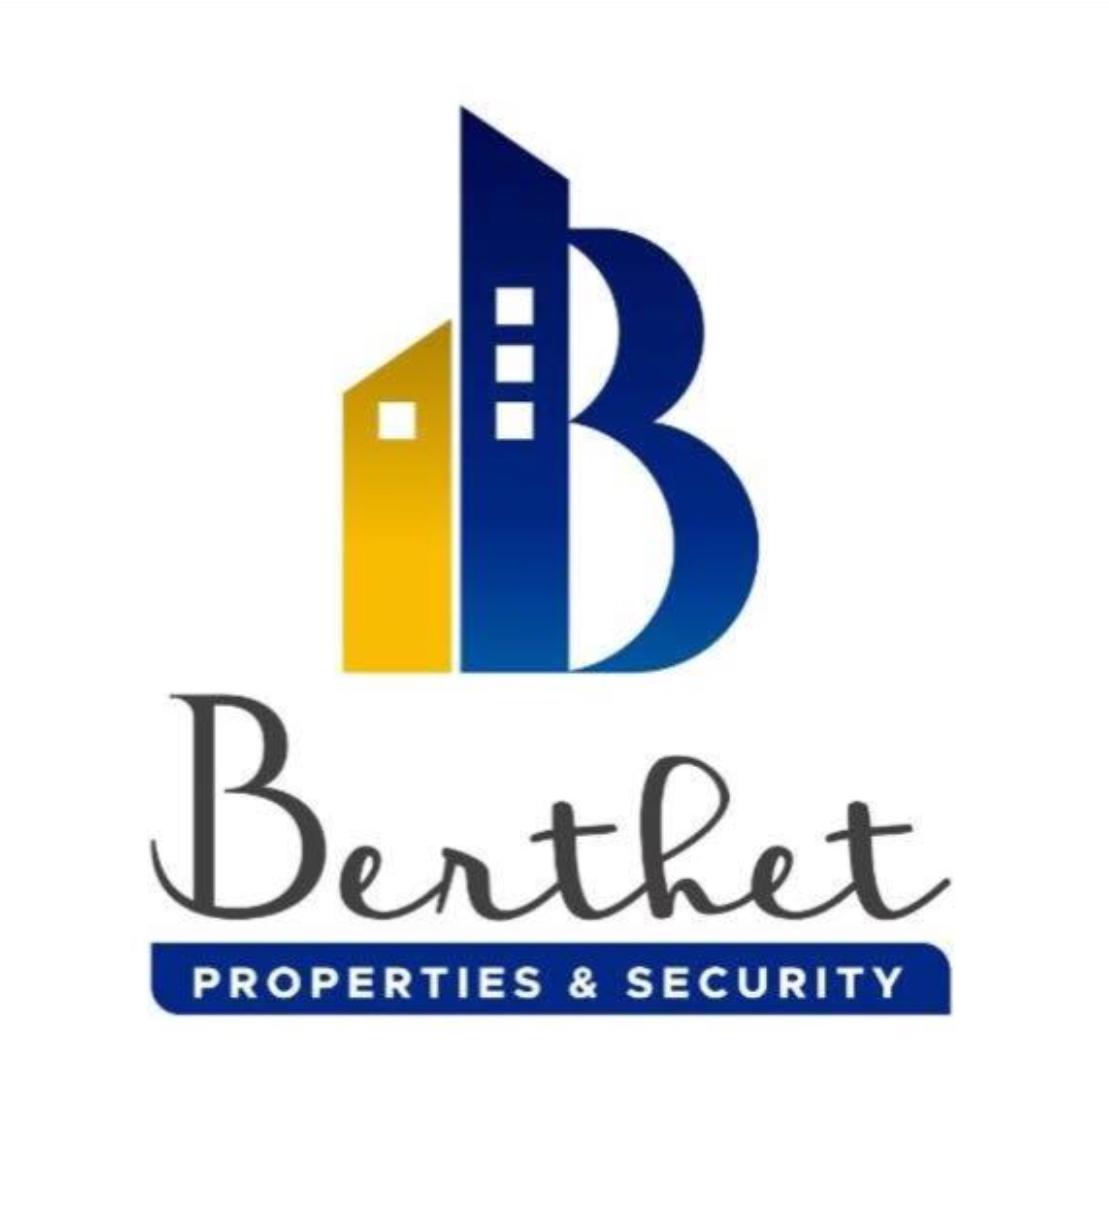 PROPIEDADES BERTHET